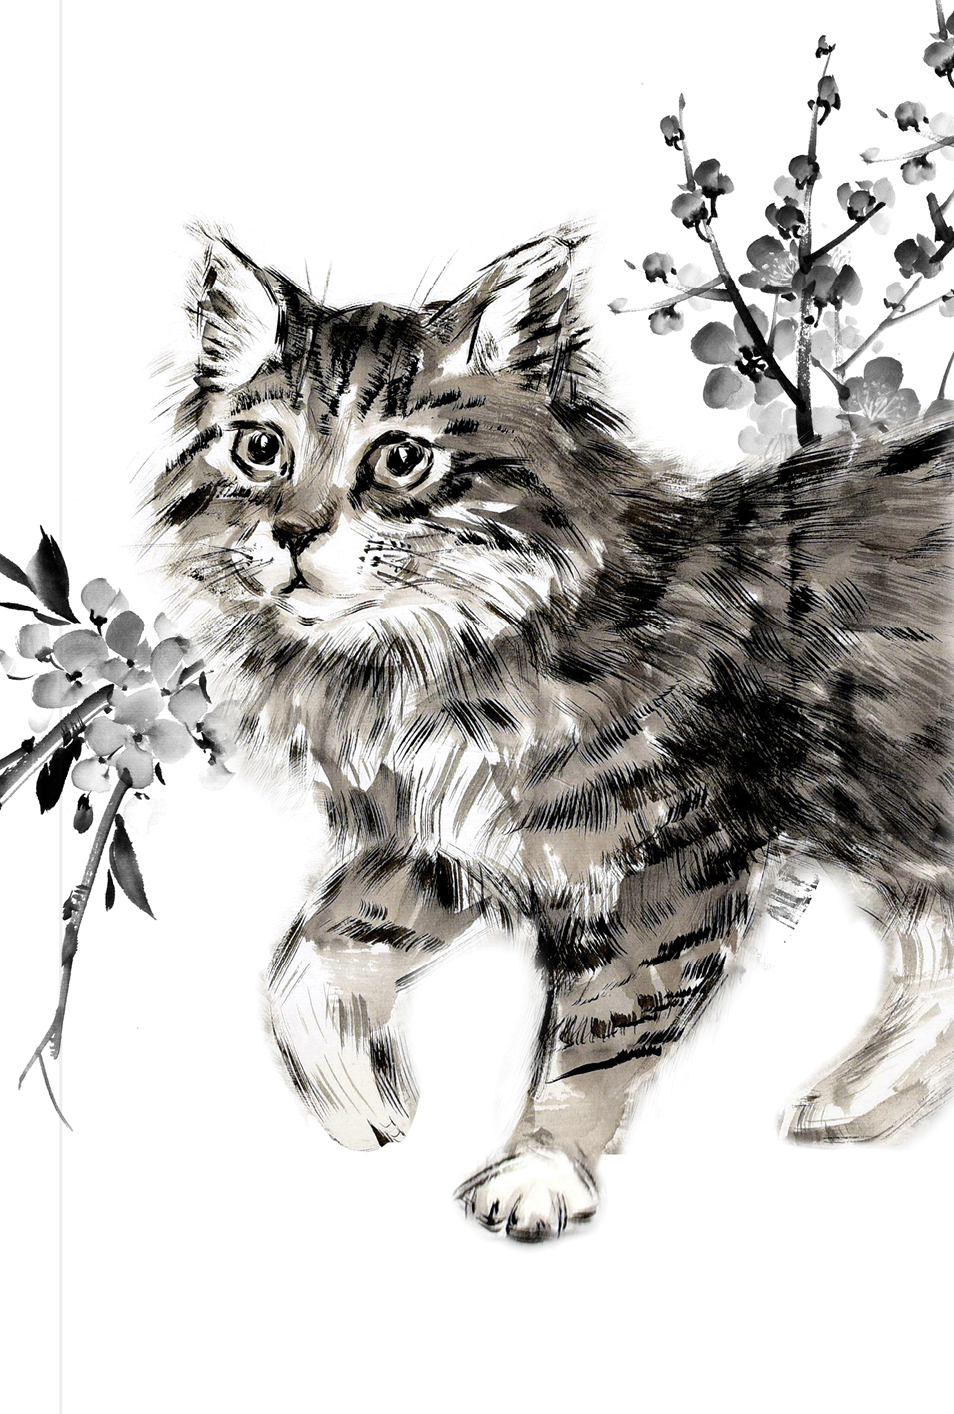 Японская живопись суми-э. Кот. Блокнот mini блокнот cчастливой хозяйки которая всё успевает